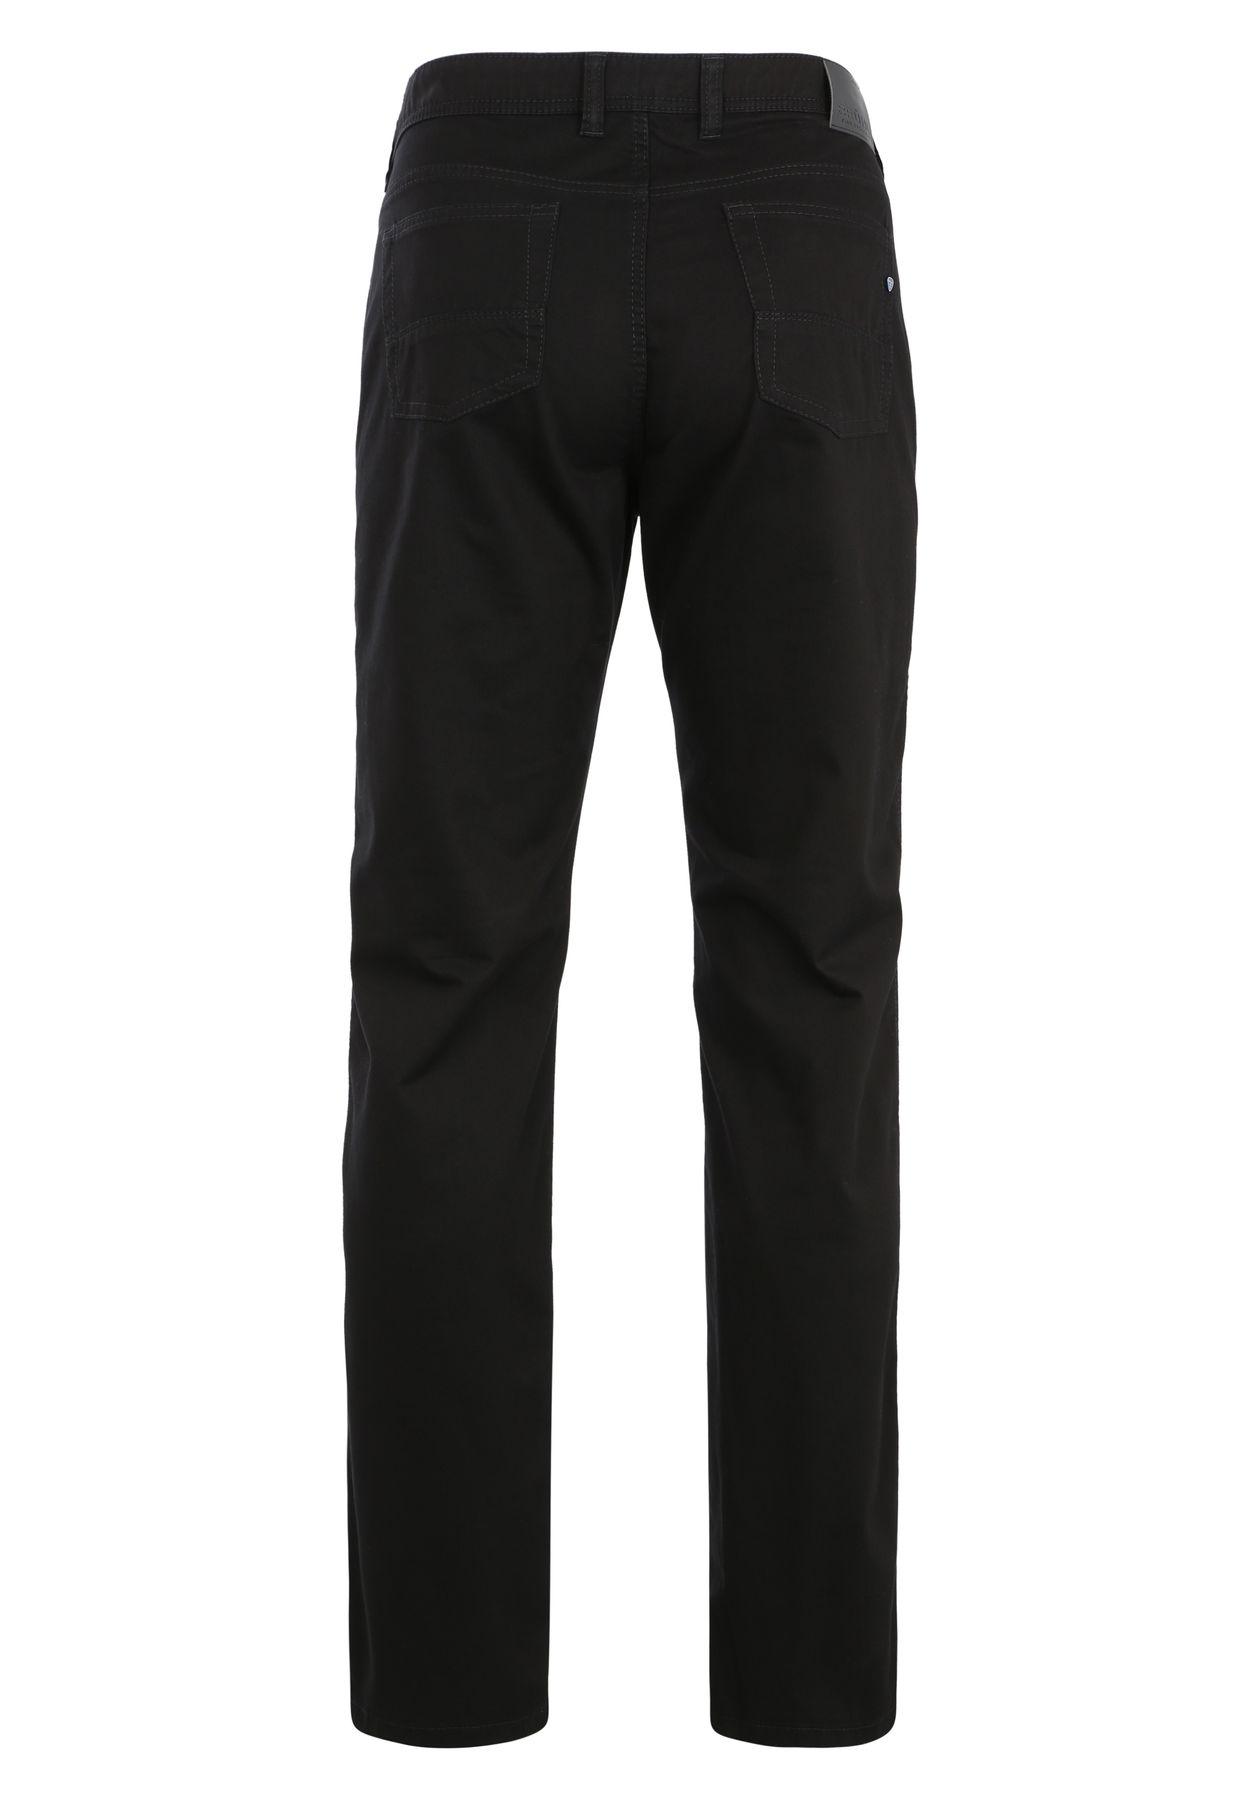 Brühl - Herren 5-Pocket Baumwollhose in blau oder schwarz, Genua 3 (0534182700100) – Bild 4